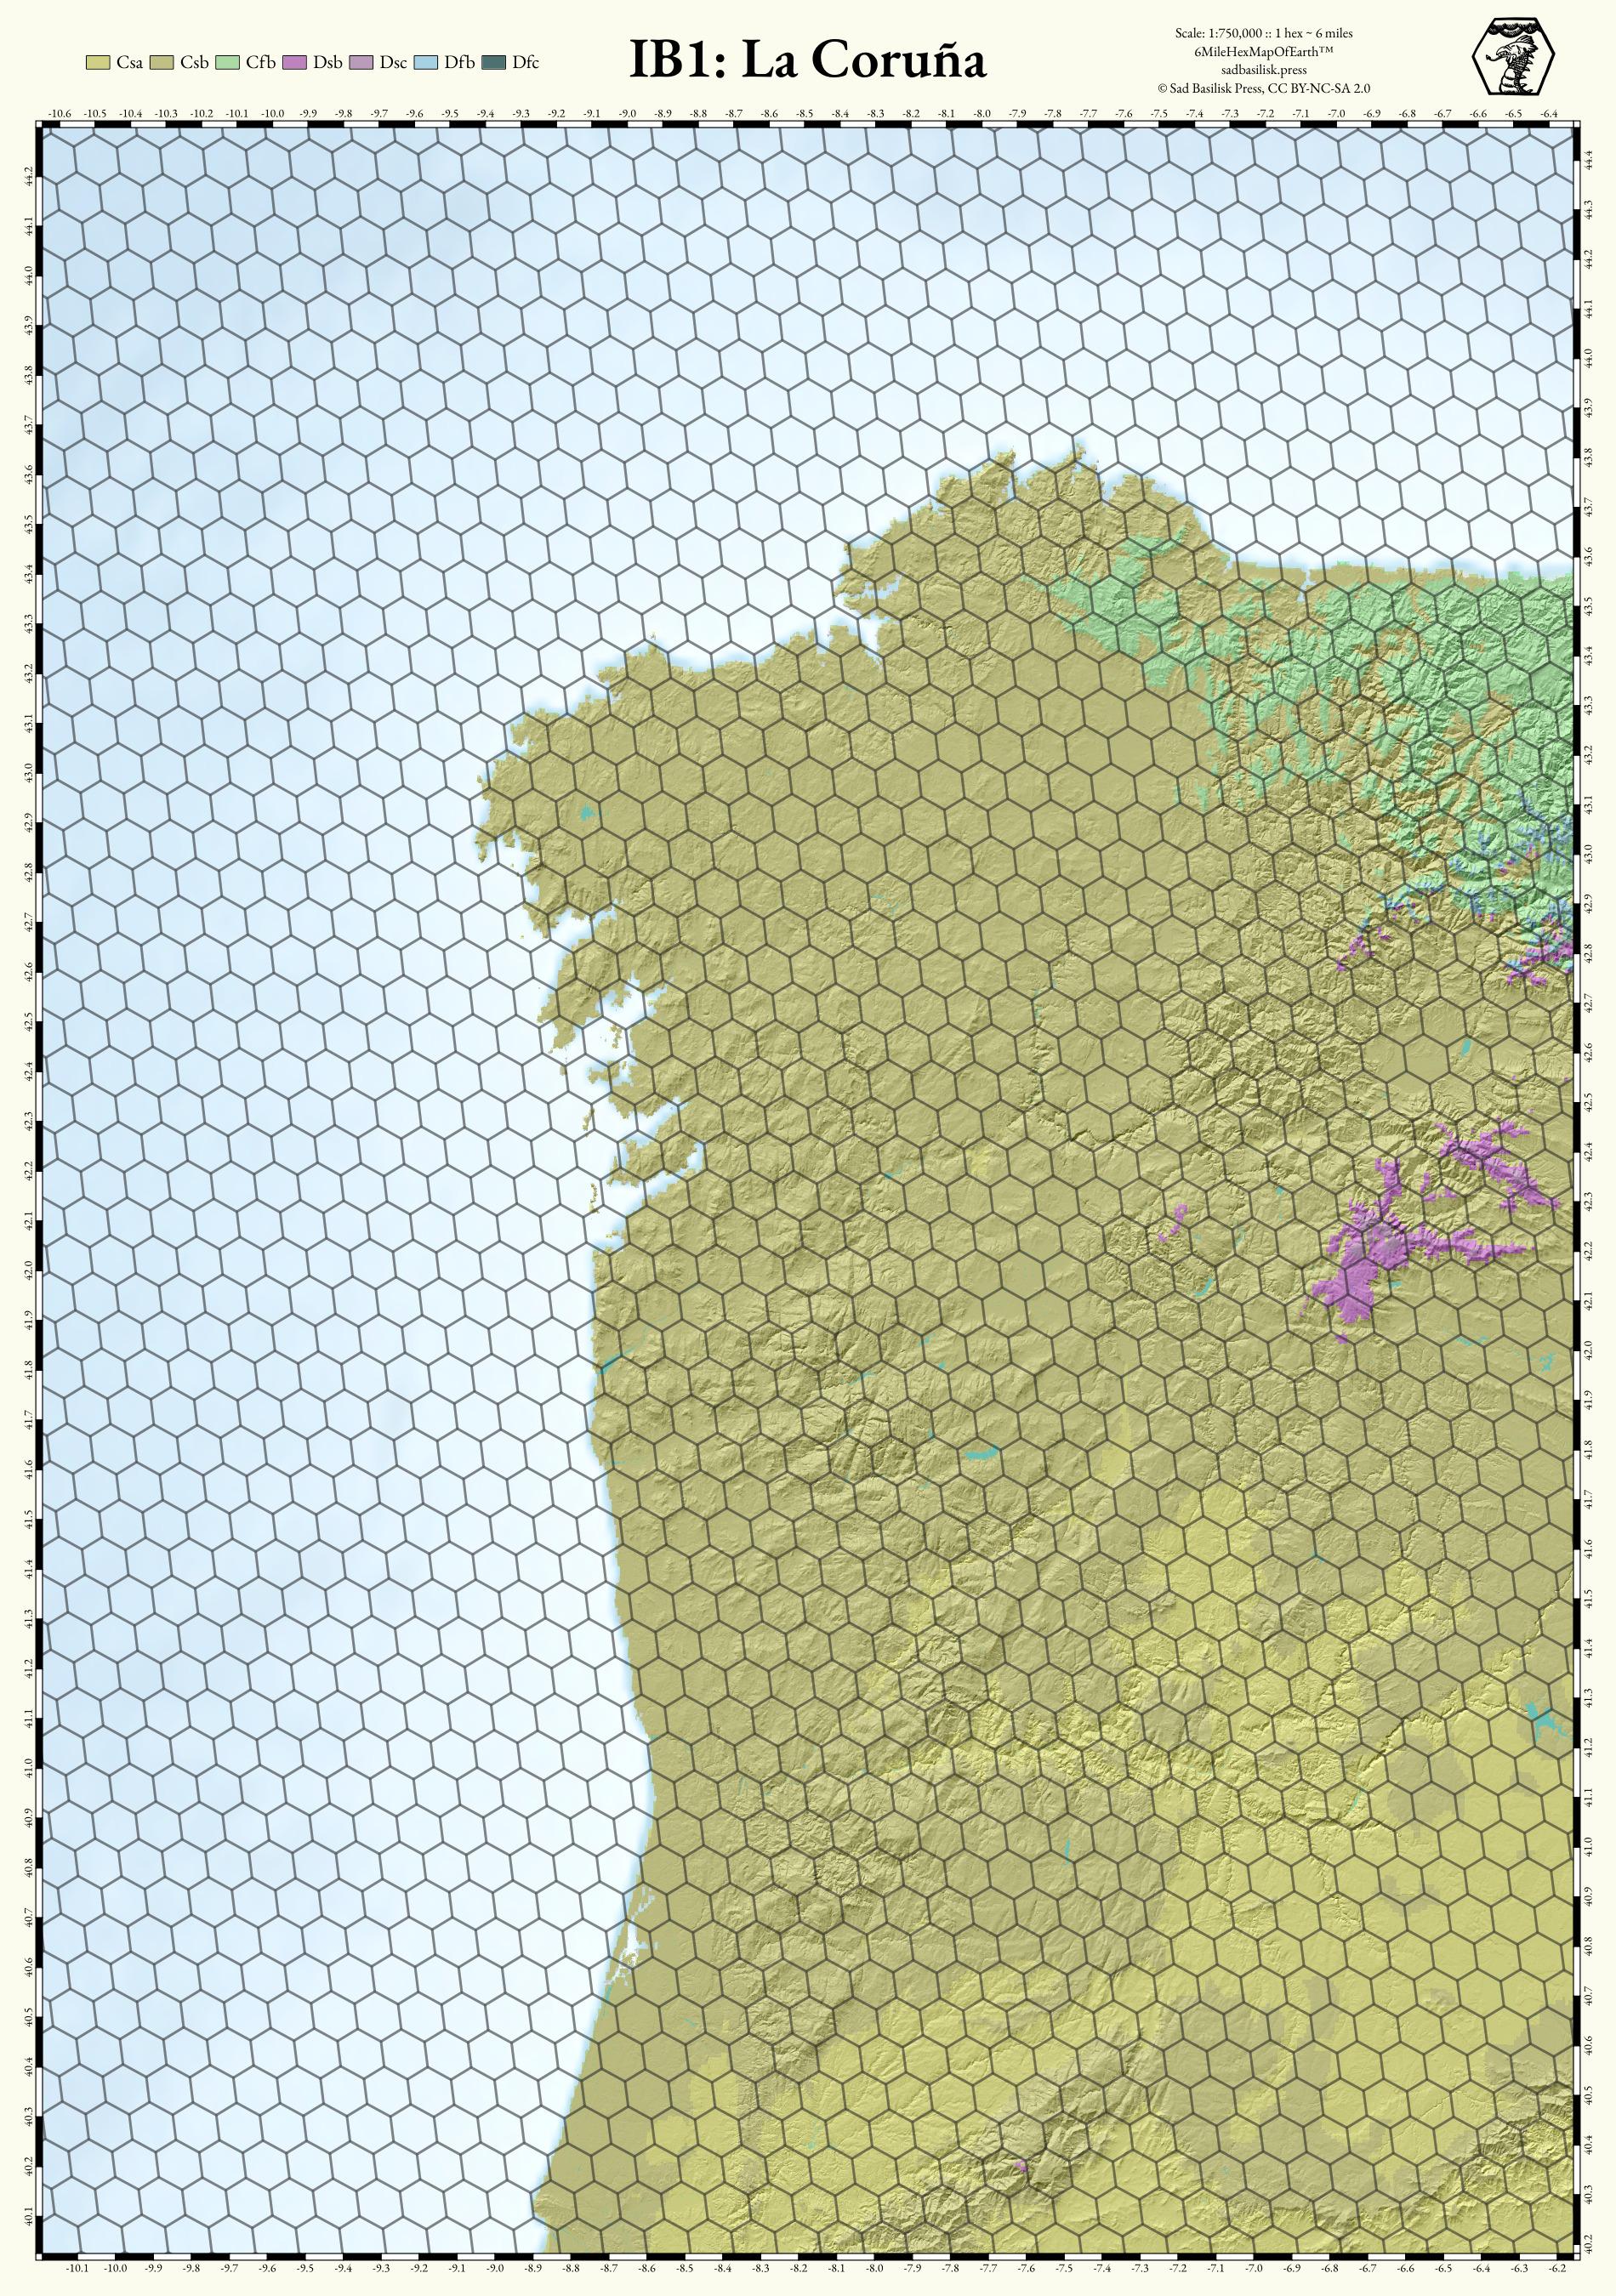 IB1DPI100_color_corrected